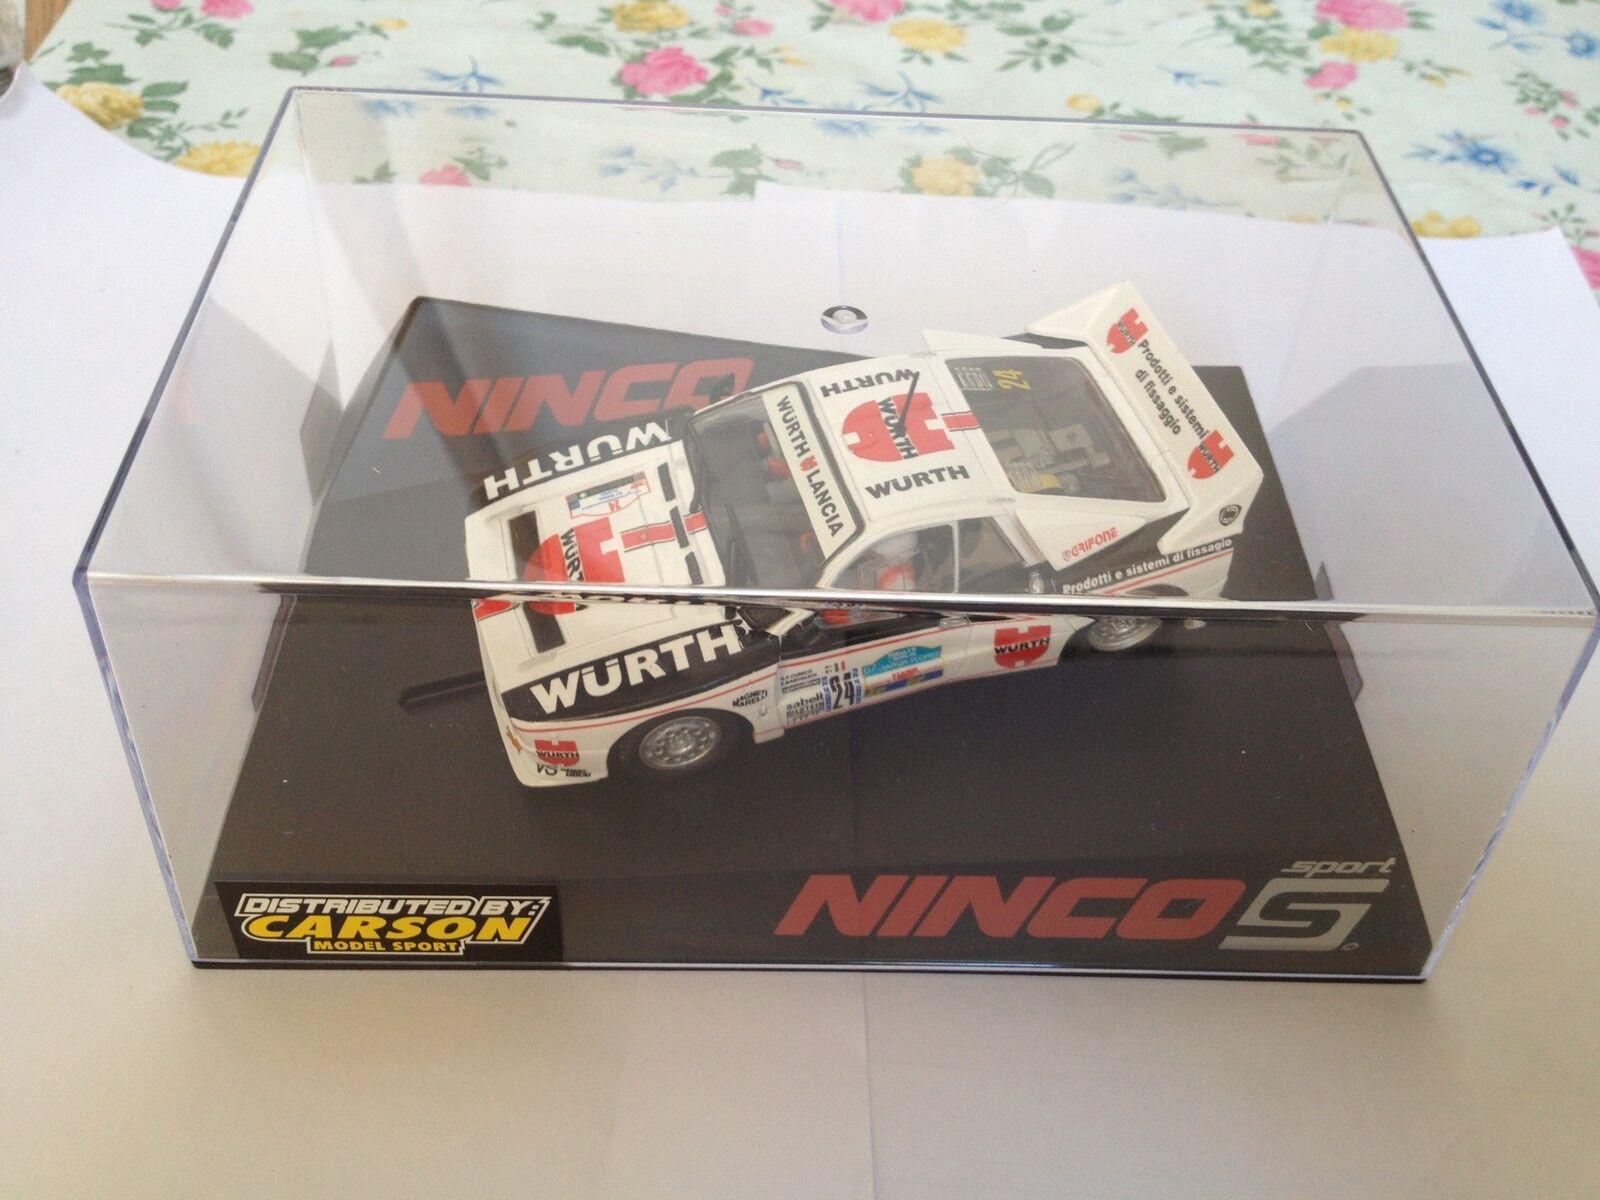 NINCO LANCIA 037 Rallye WURTH Nr24